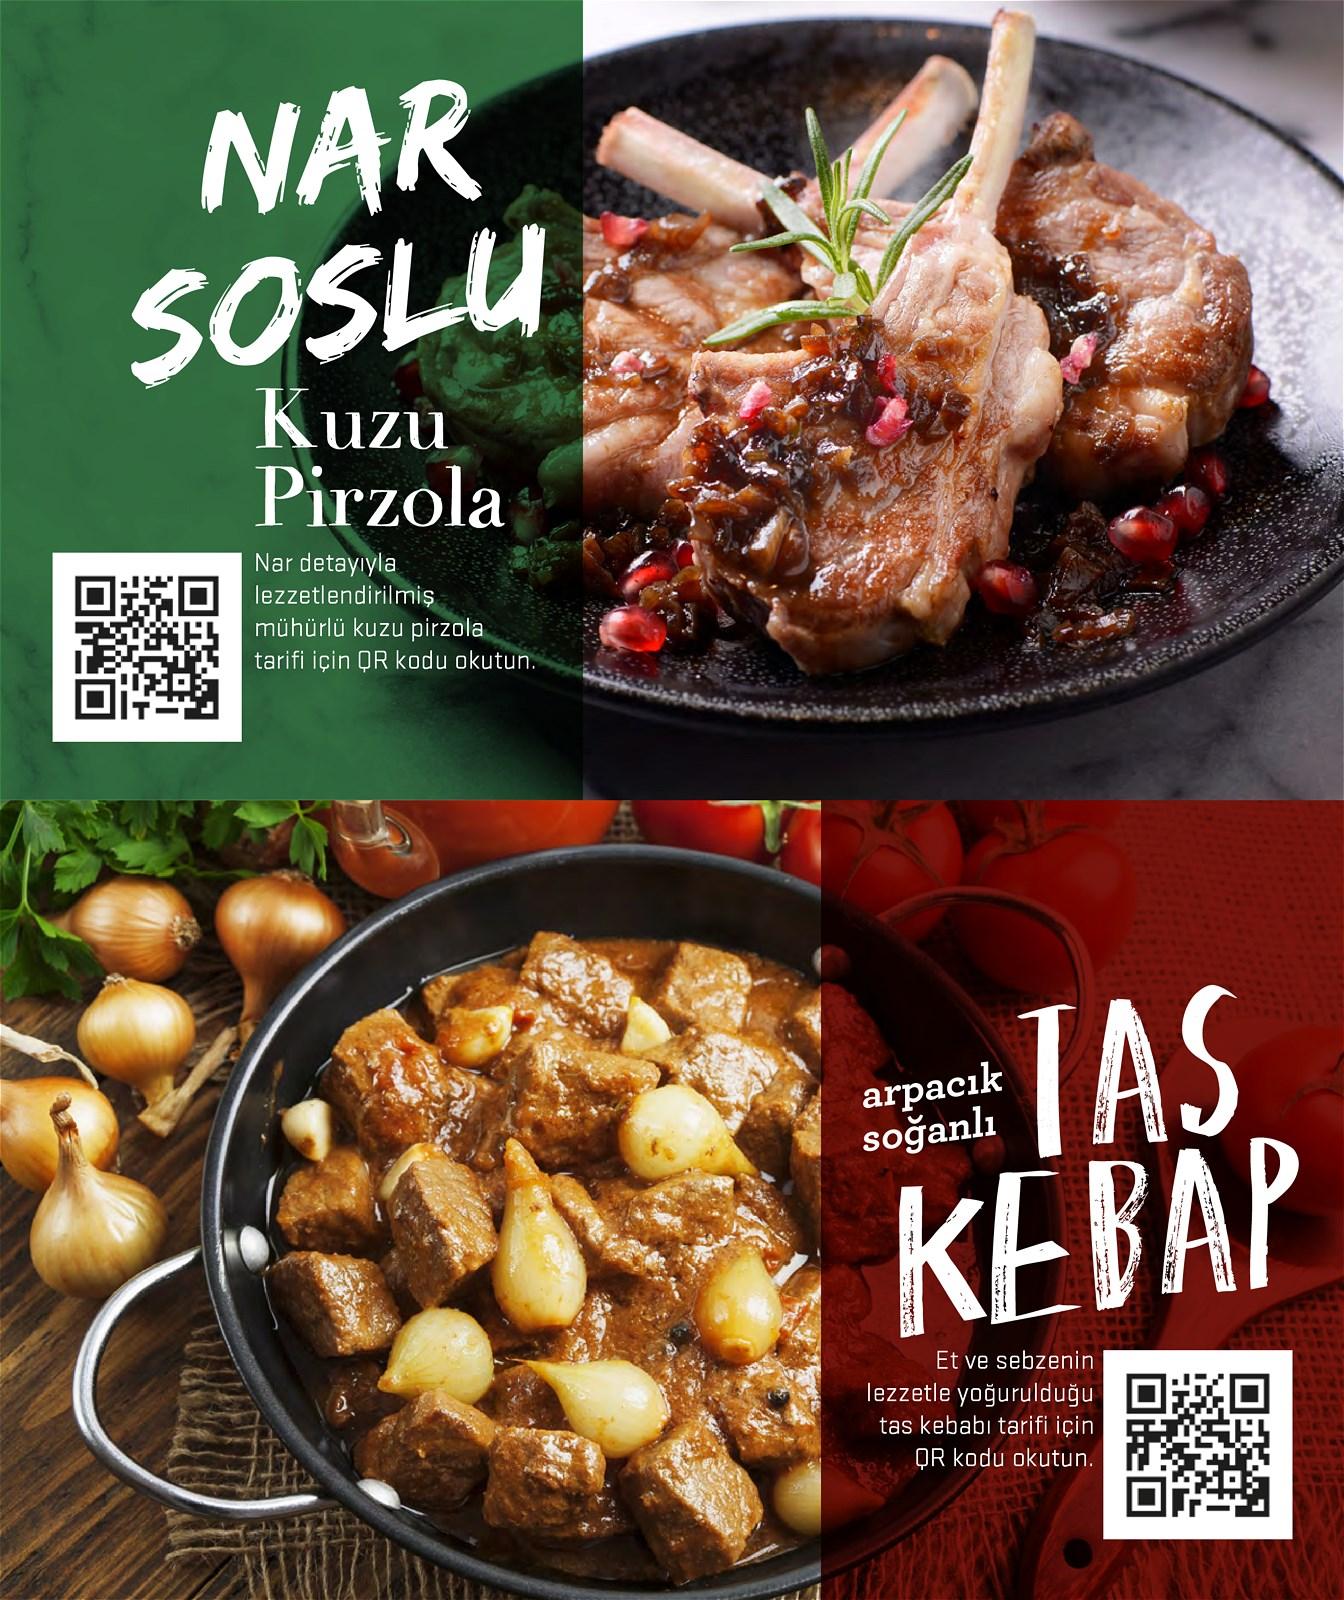 13.01.2021 CarrefourSA broşürü 13. sayfa